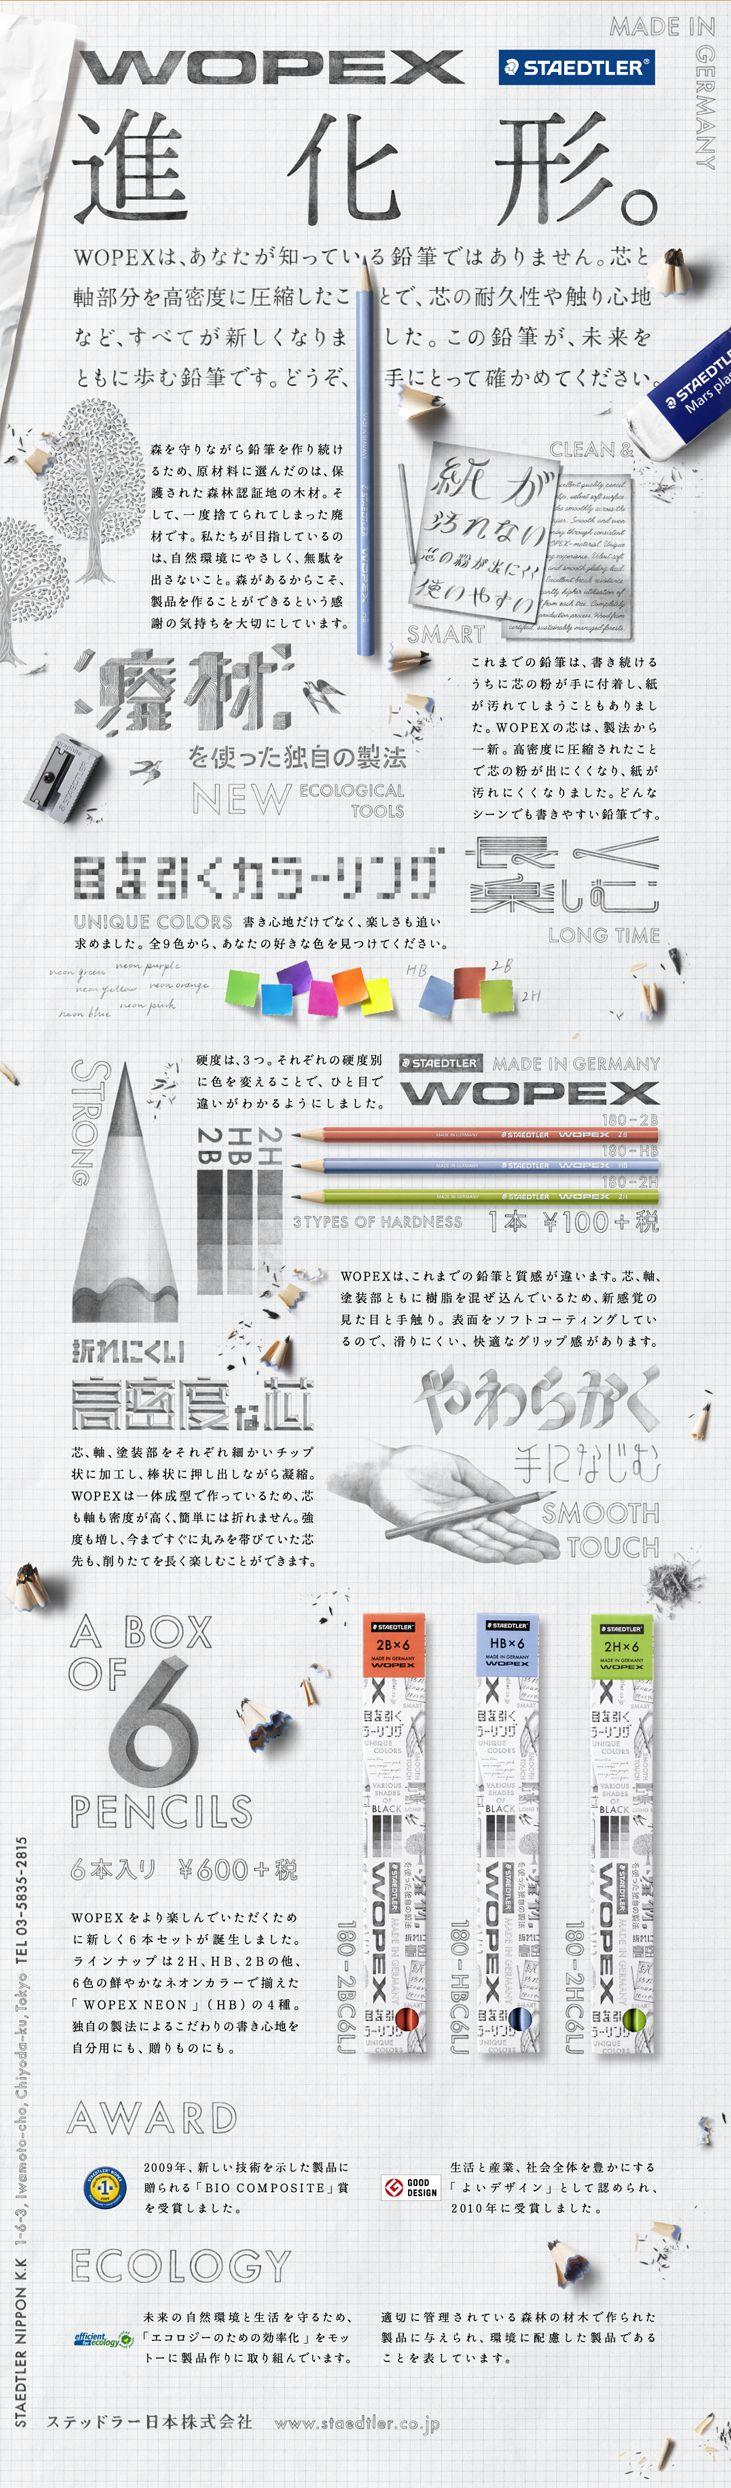 WOPEX material | STAEDTLER